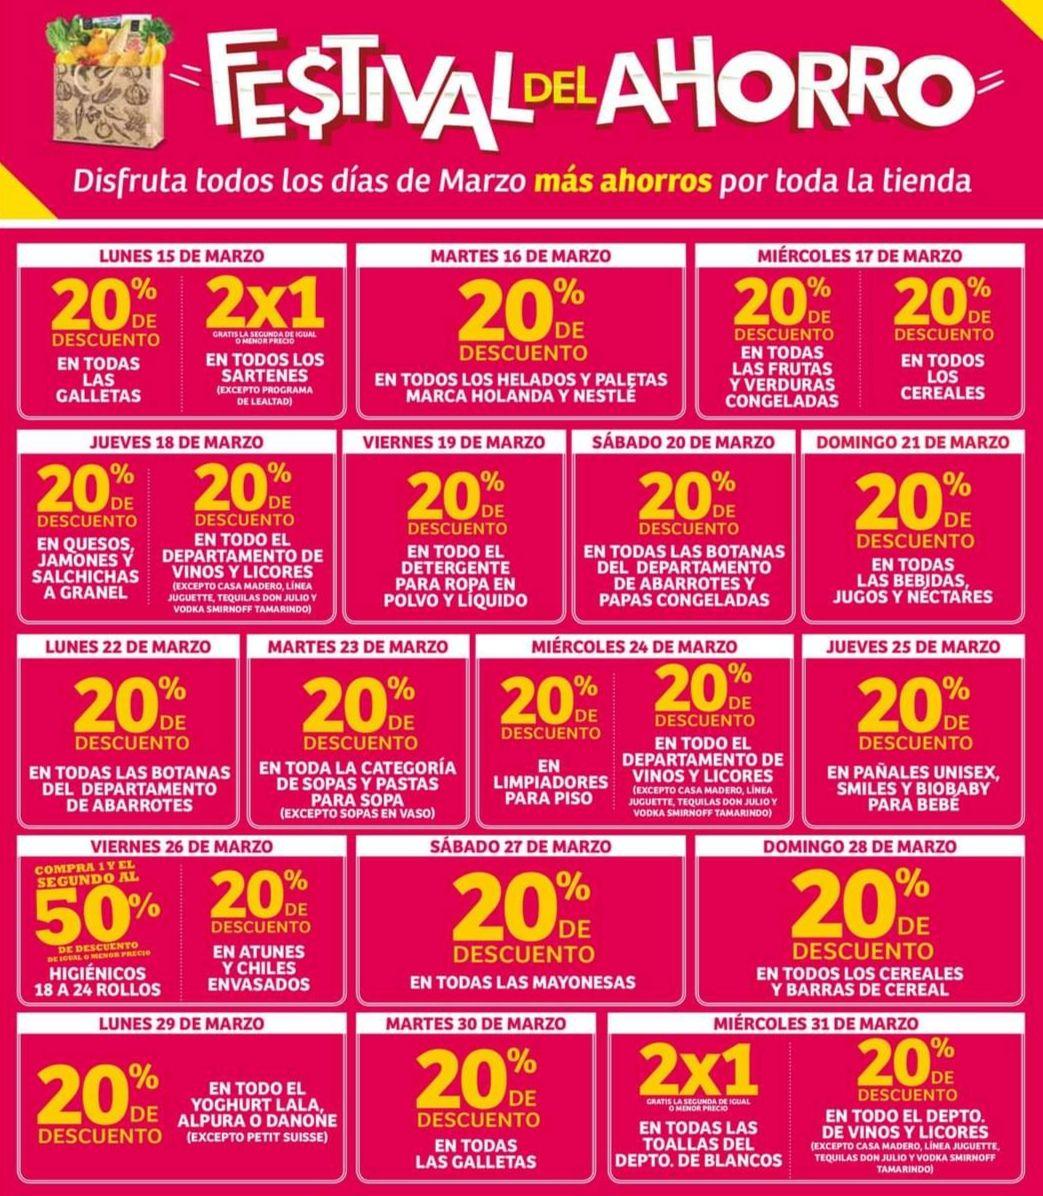 Soriana Híper y Súper: Calendario de Ofertas del Viernes 12 al Miércoles 31 de Marzo (diario diferente promoción)